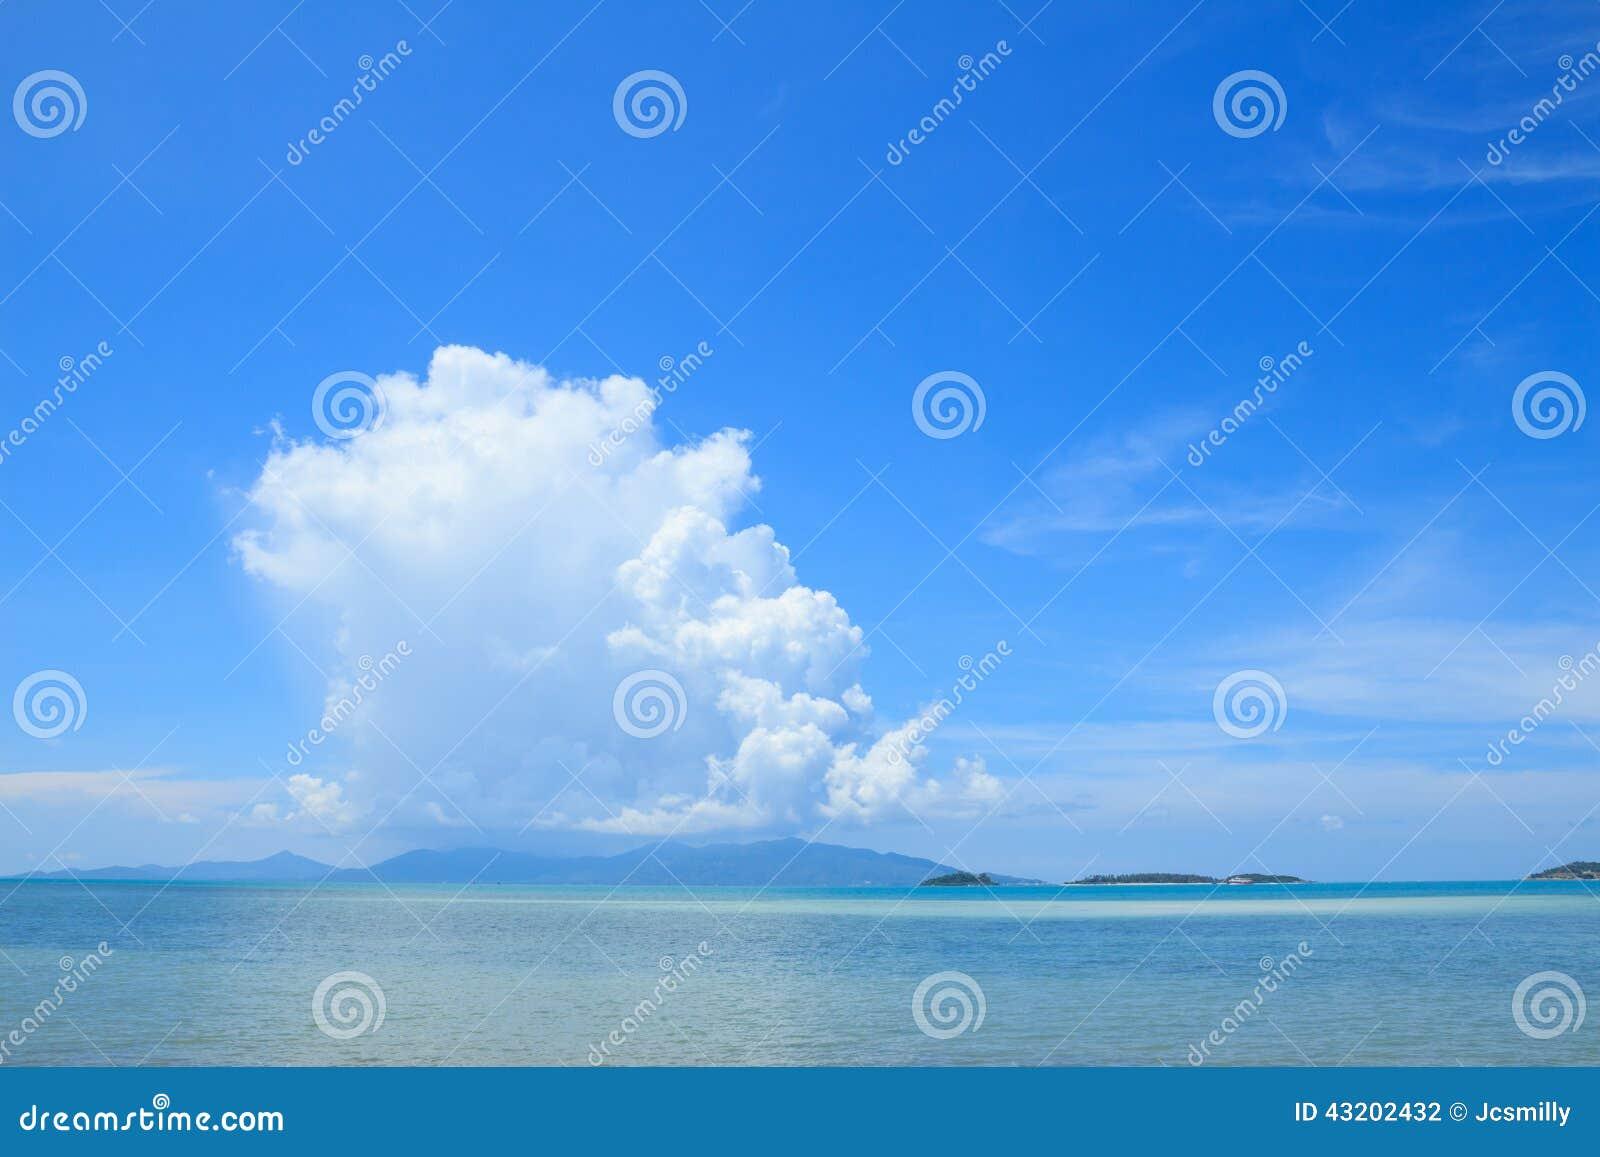 Download Sommarseascape Med Bakgrund För Blå Himmel Arkivfoto - Bild av clear, flotta: 43202432